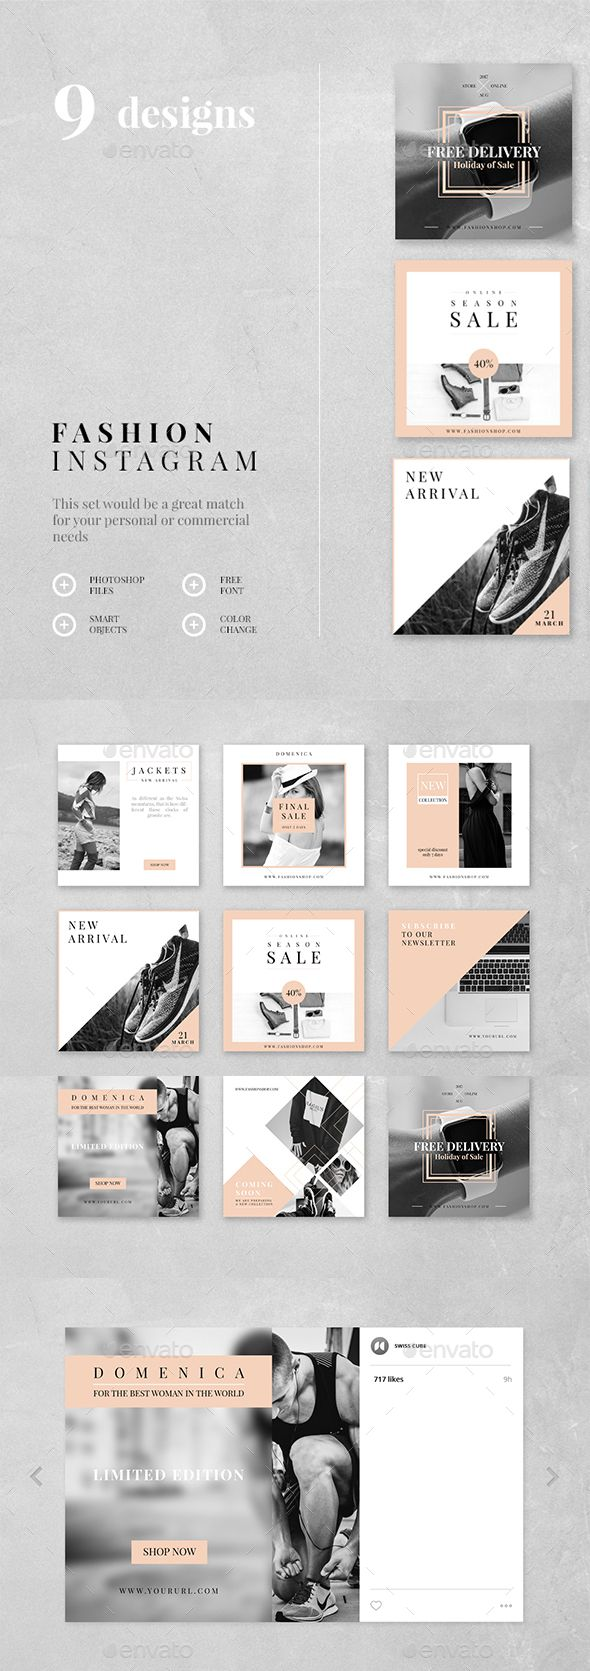 Fashion Instagram  9 Designs — Photoshop PSD #marketing #instagram • Download ➝ https://graphicriver.net/item/fashion-instagram-9-designs/19413182?ref=pxcr